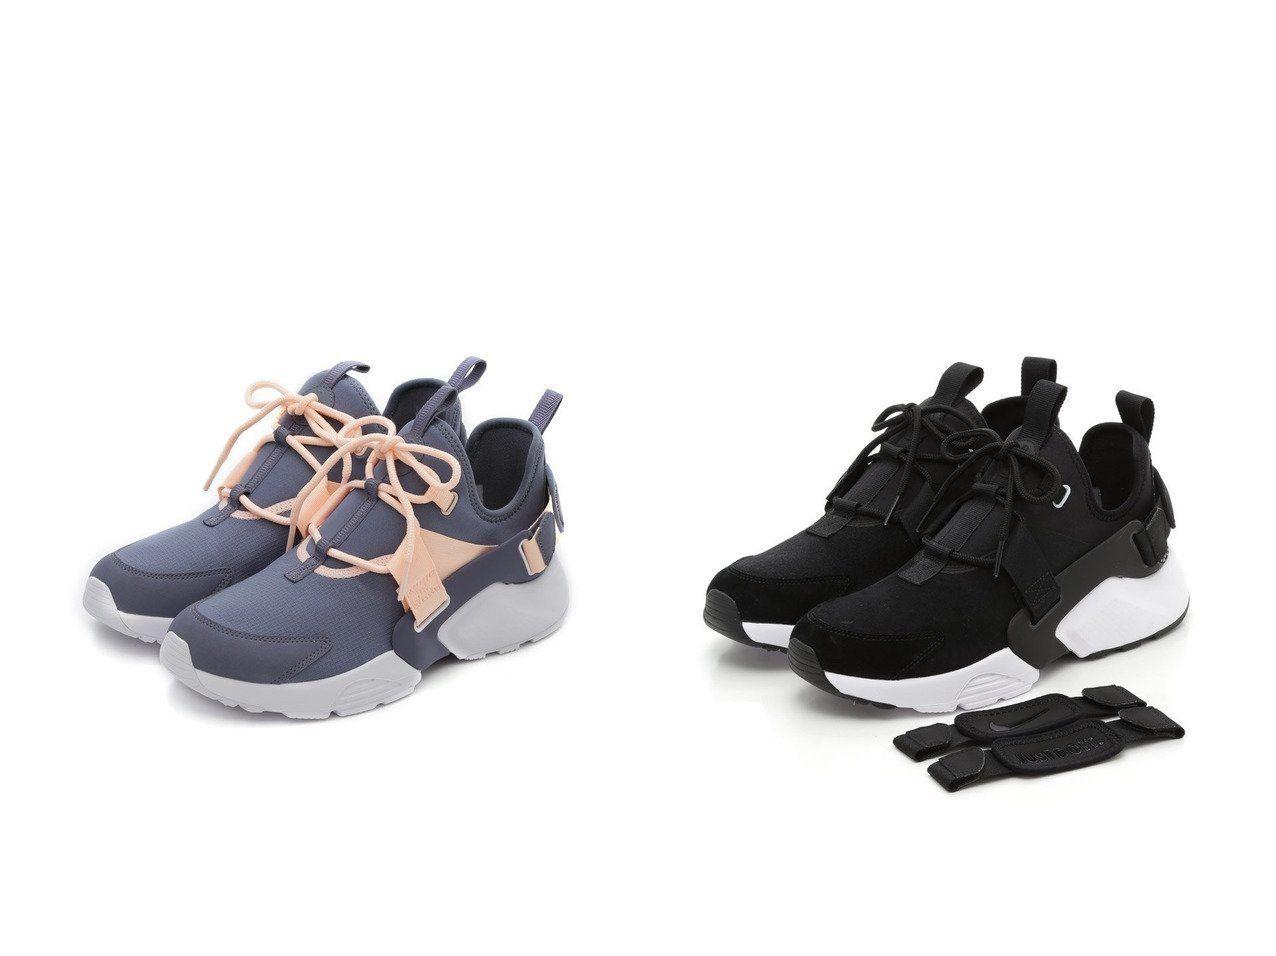 0058ed07ee おすすめの人気、秋冬ファッション・シューズ・靴 【emmi/エミ】のNIKE ...